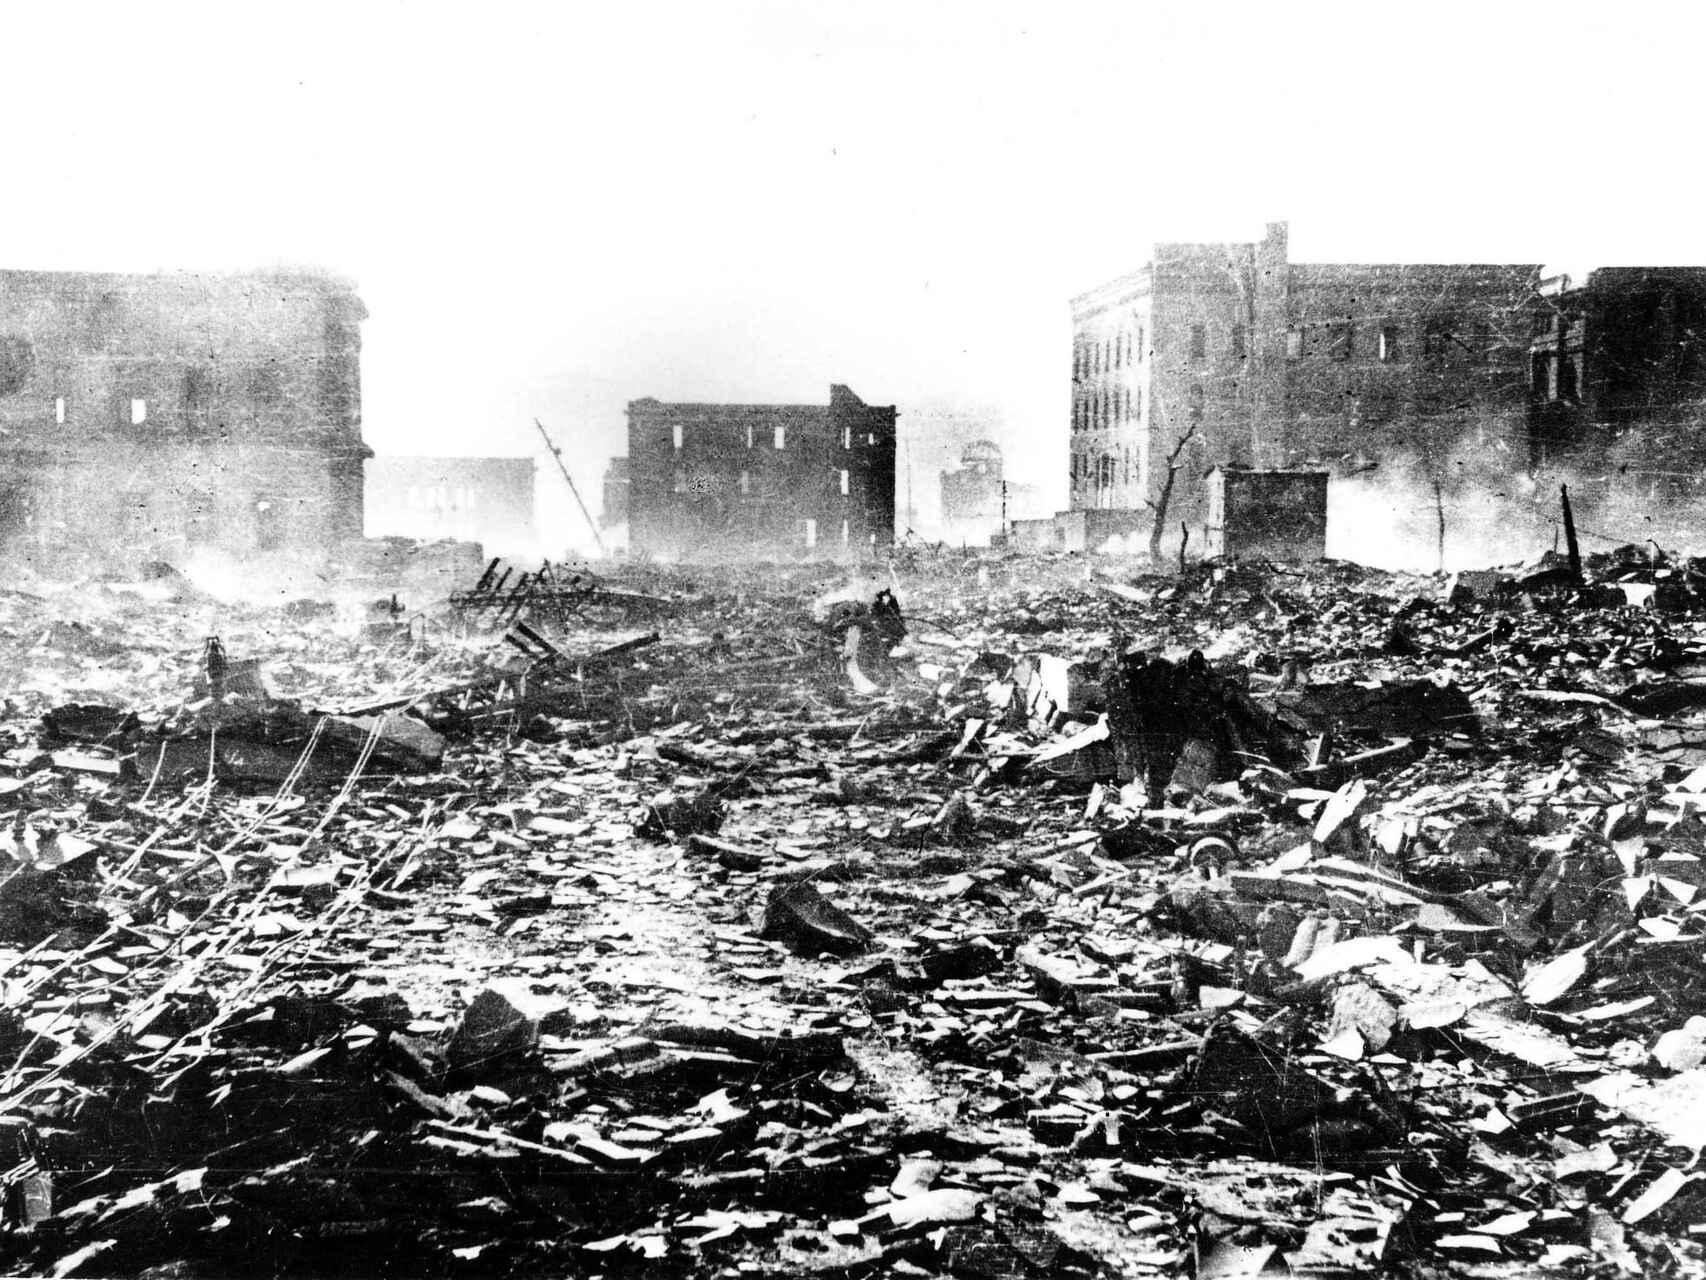 El más atroz crimen de la historia que aún espera justicia: Hiroshima y Nagasaki